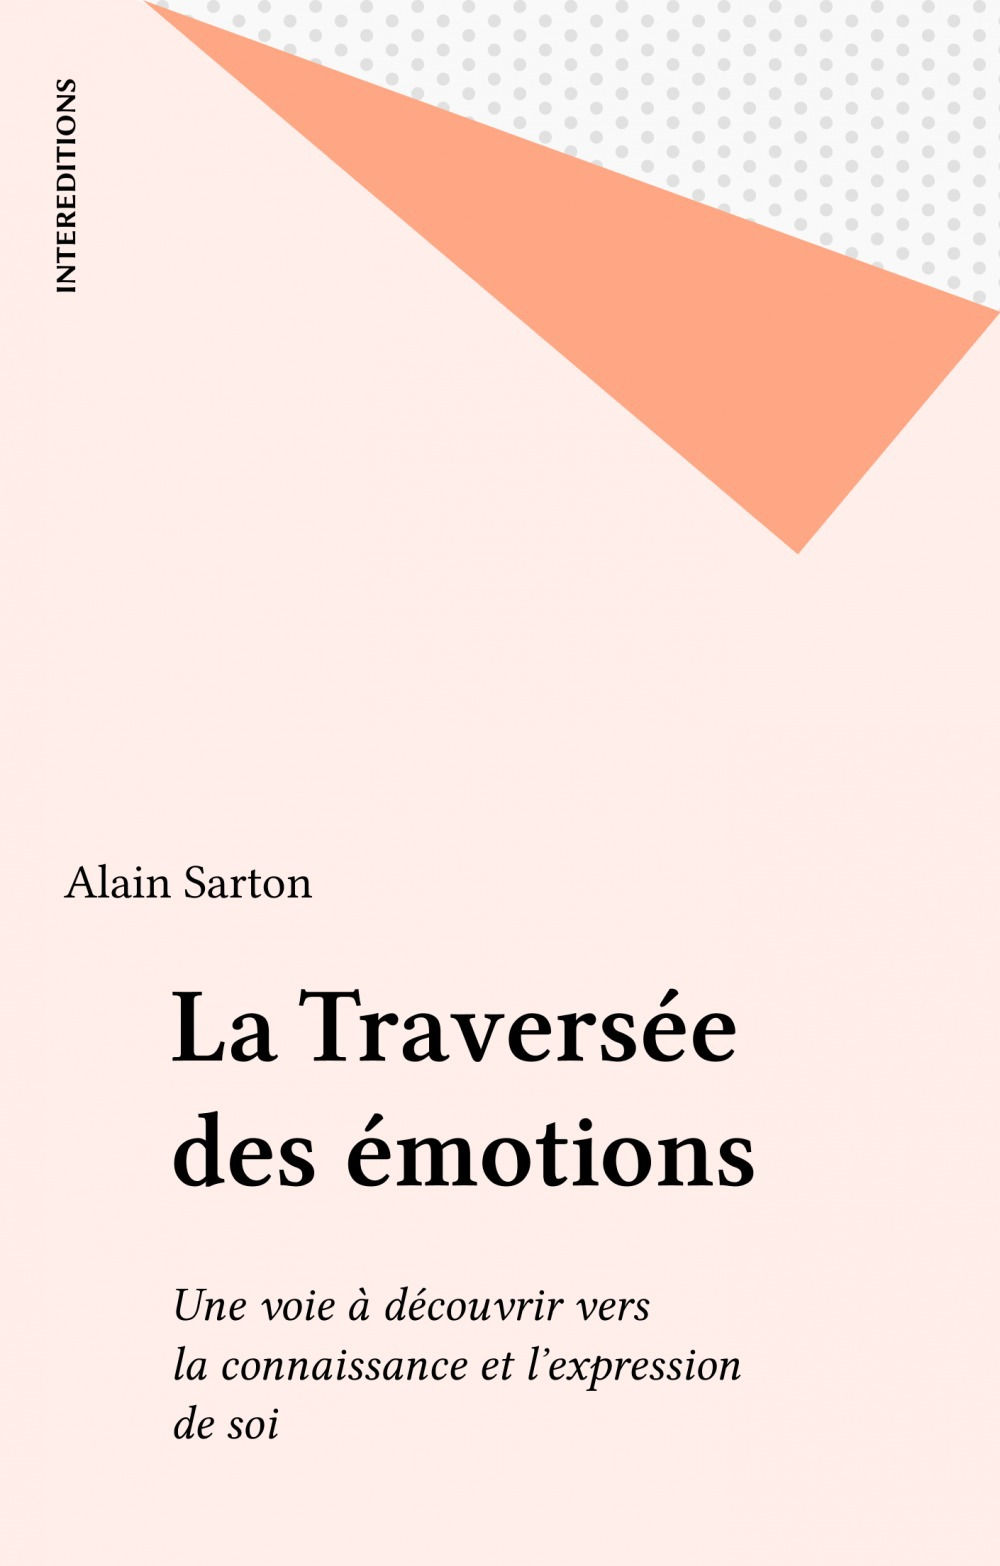 La traversee des emotions ; une voie a decouvrir vers la connaissance et l'expression de soi